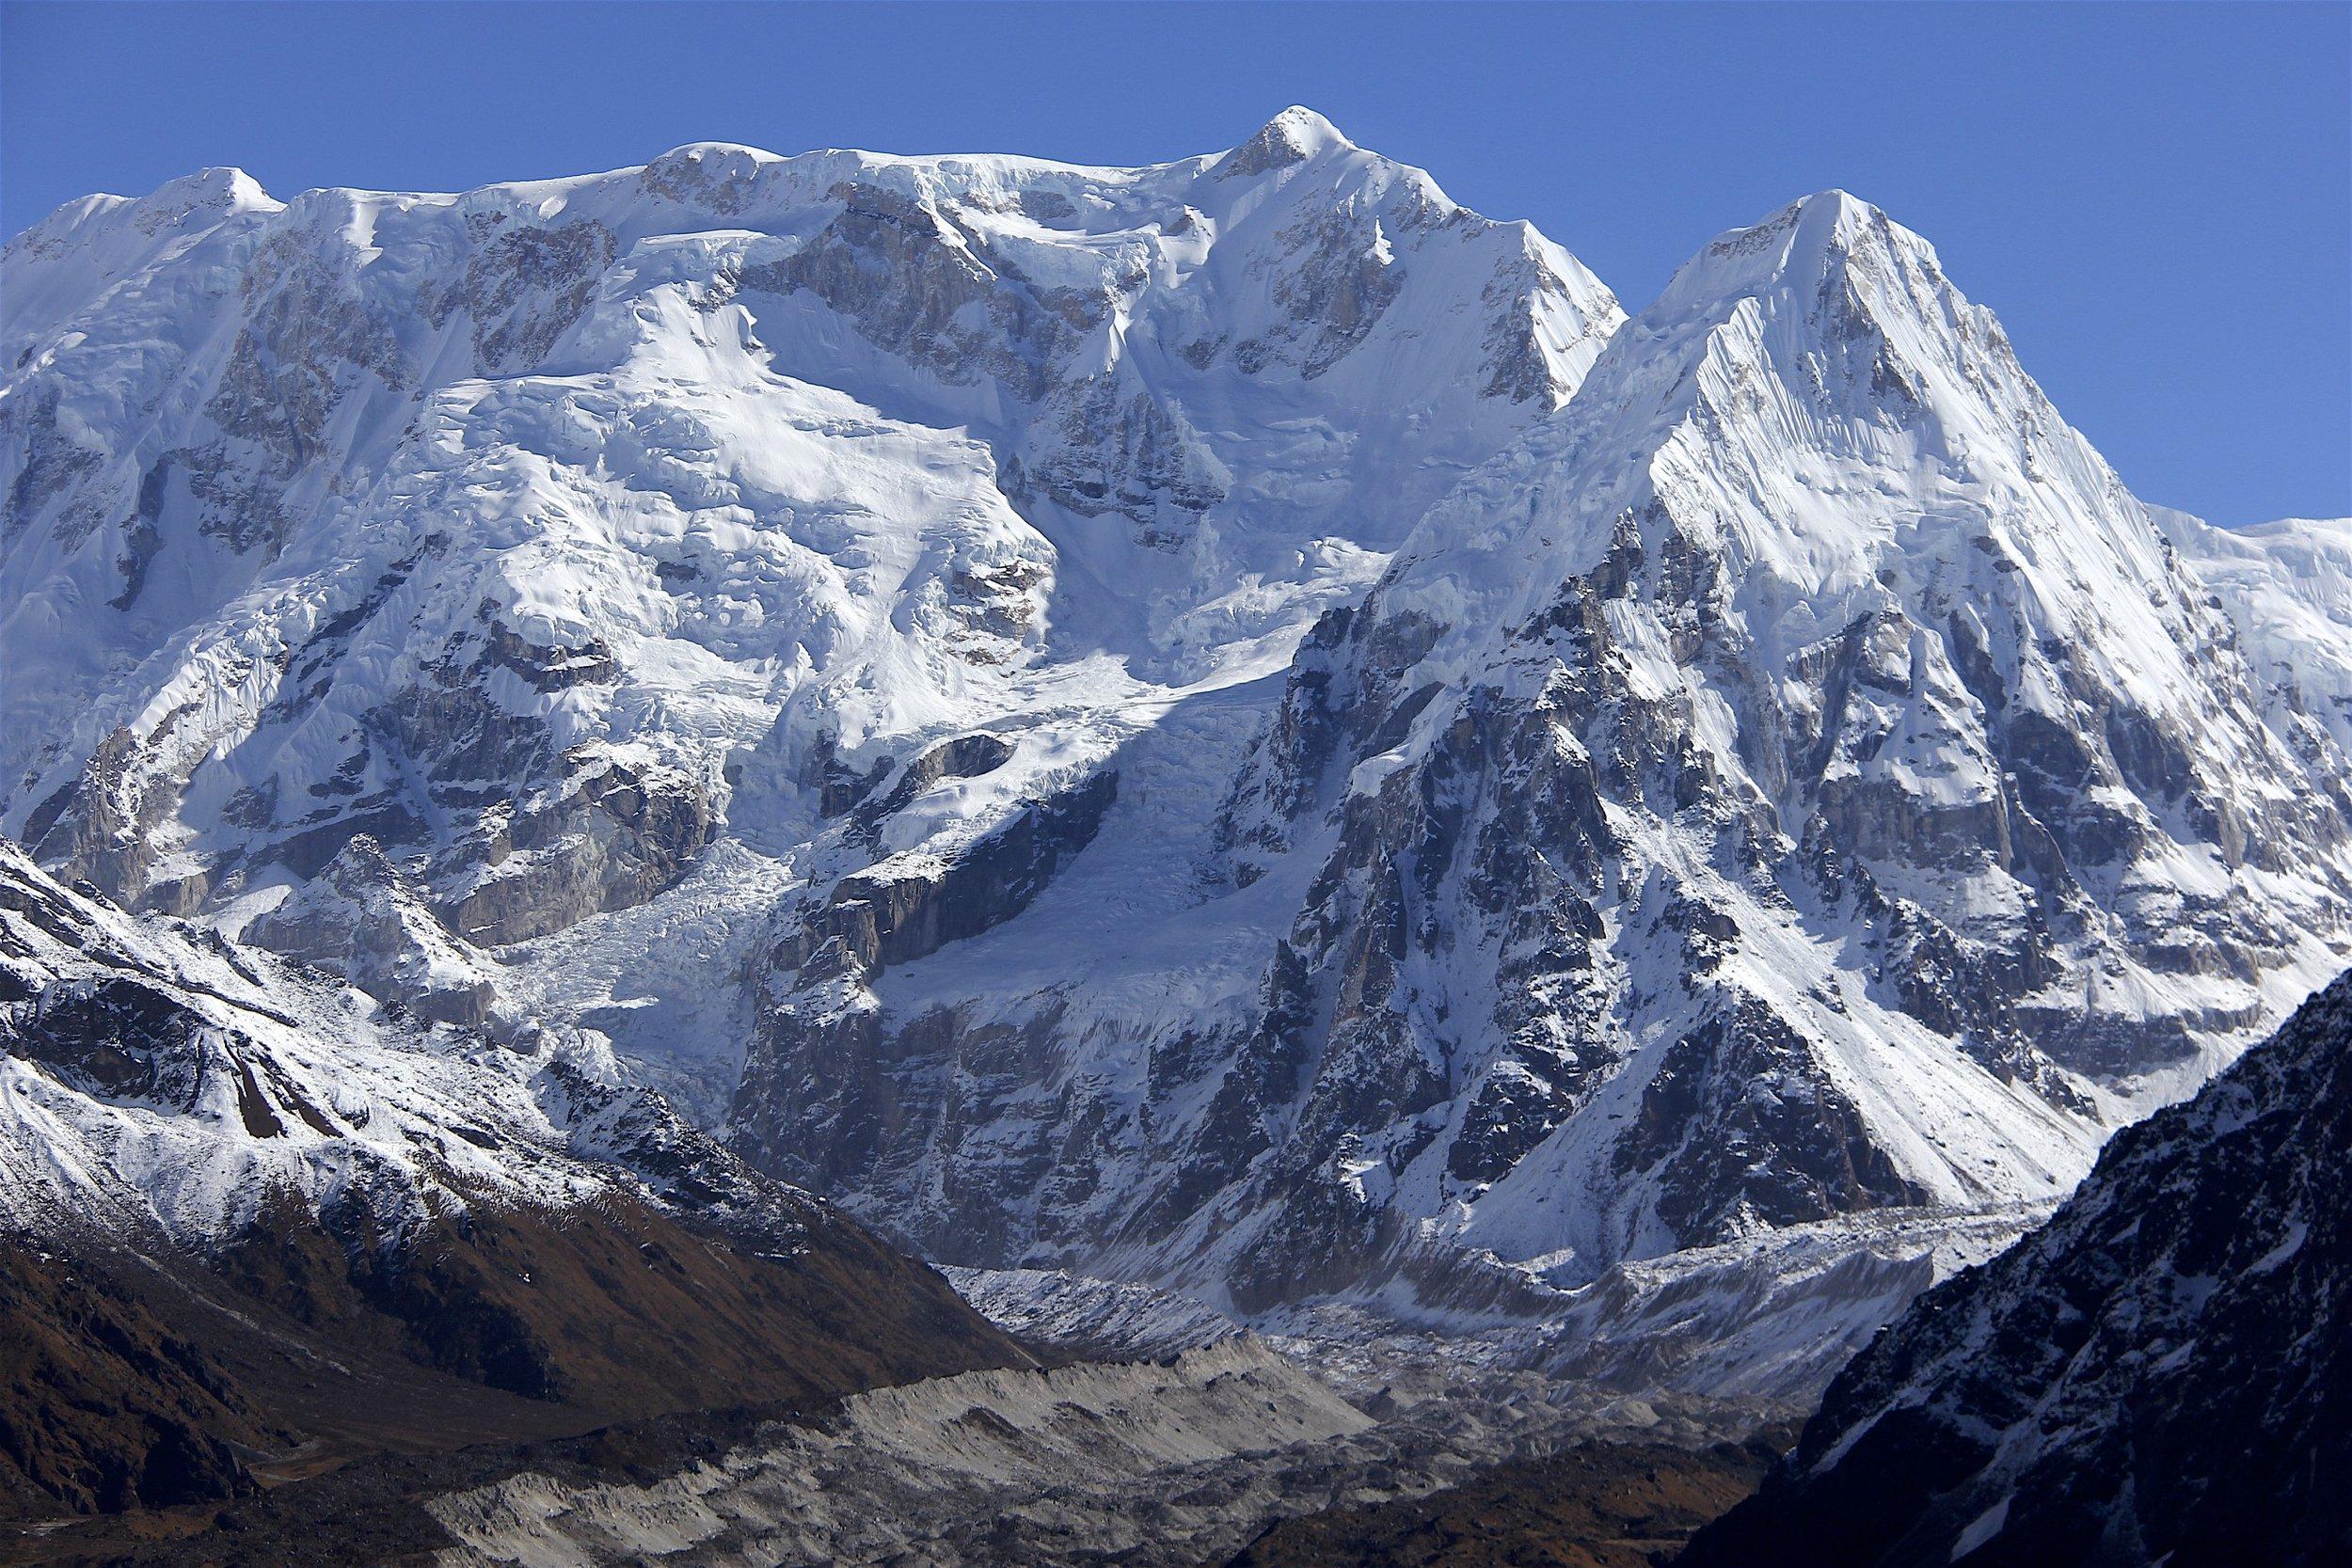 Kabru and Ratong above the Yalung Glacier